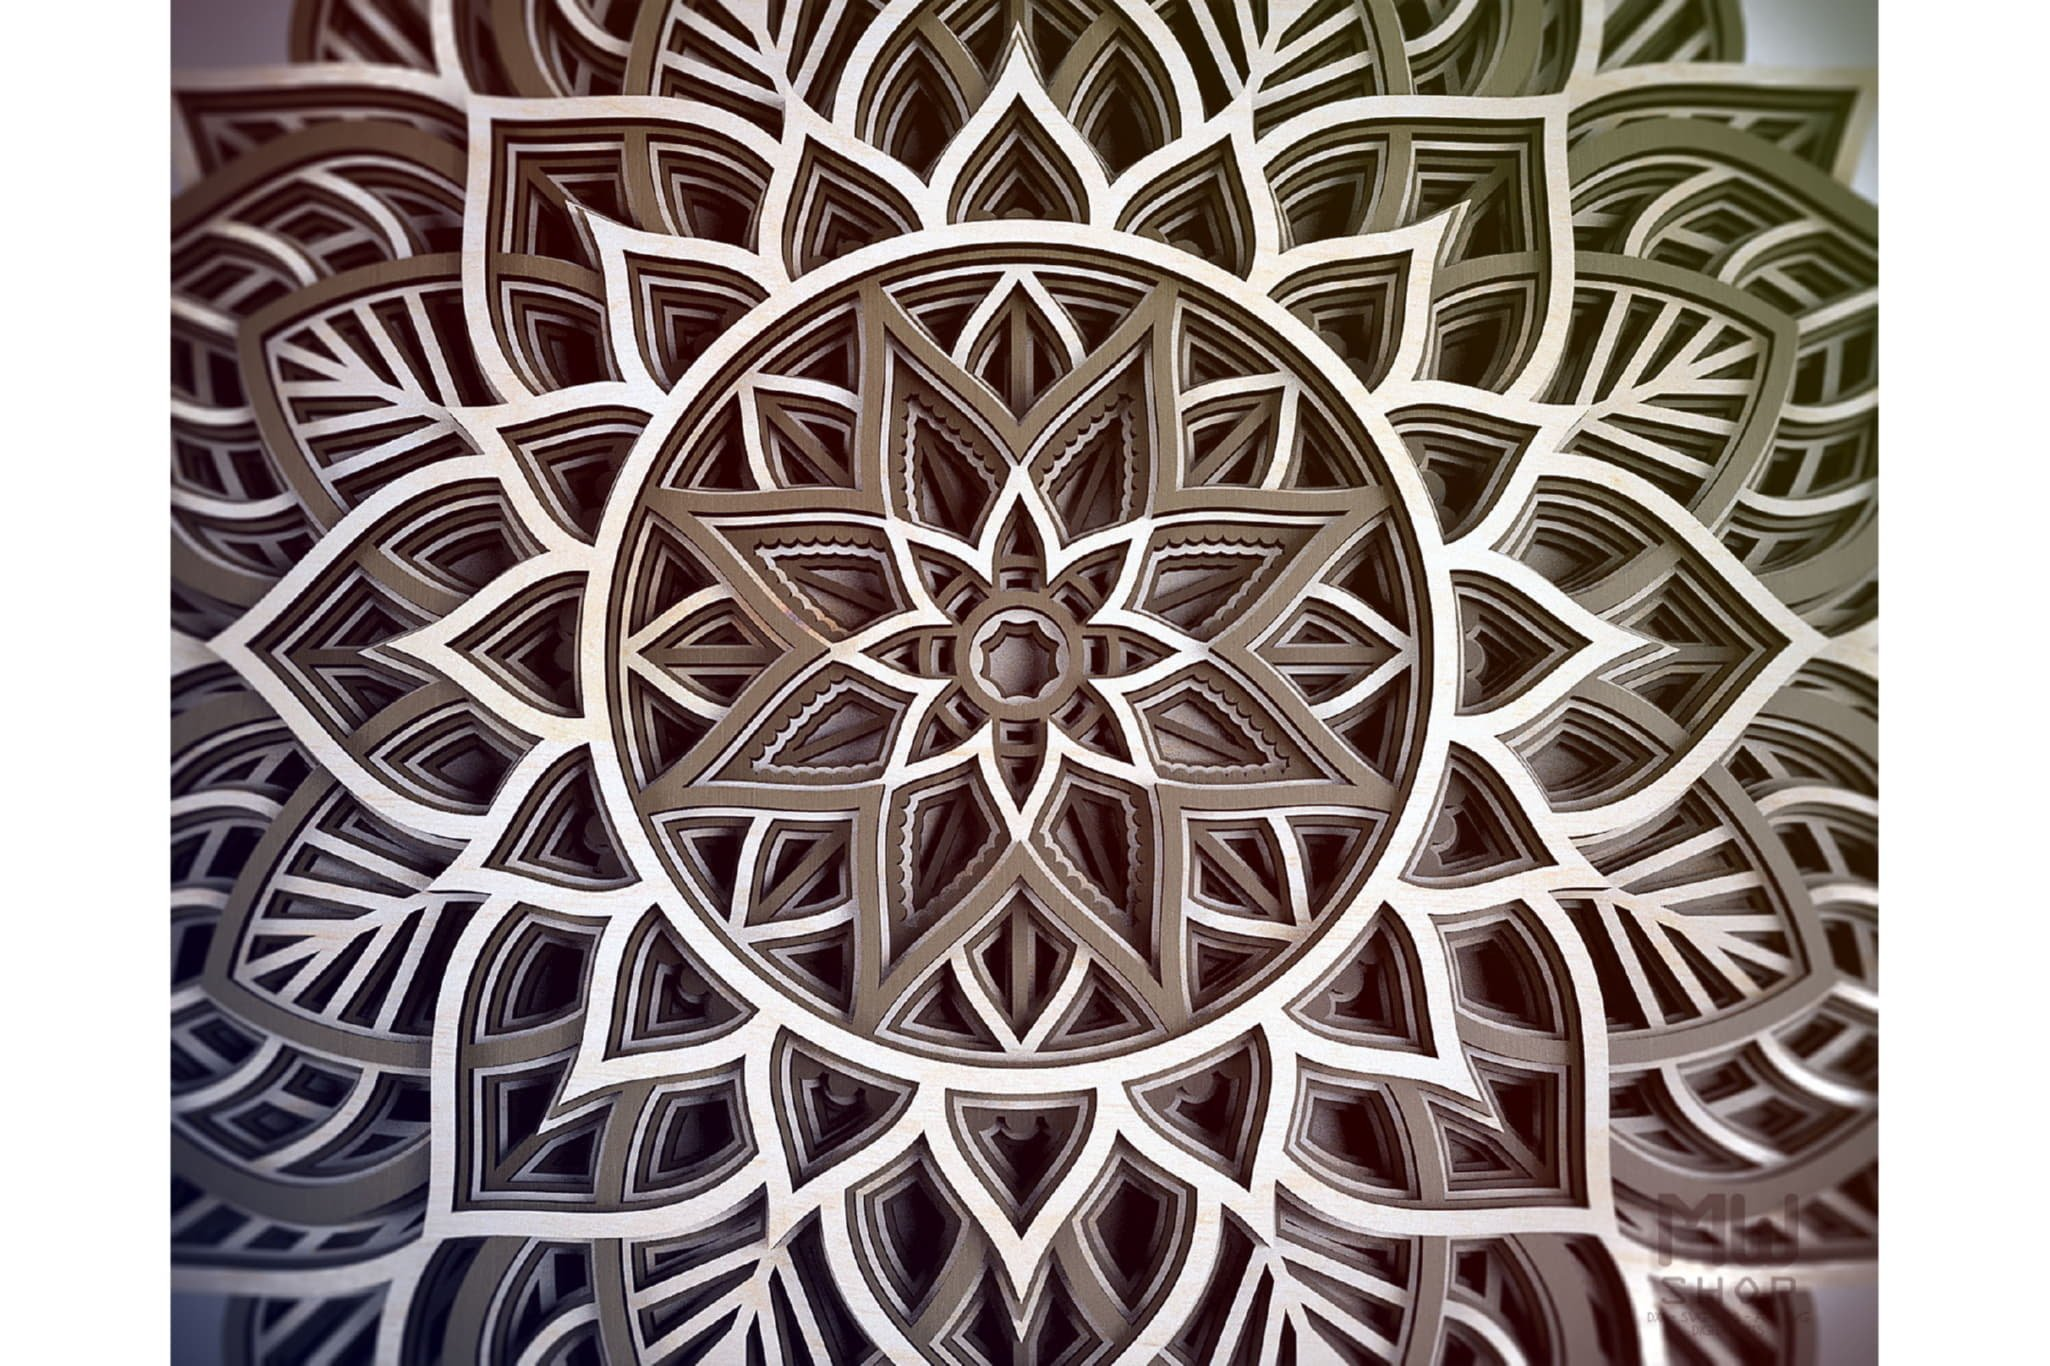 M98 - Flower Mandala DXF, Layered Mandala SVG for Cricut example image 10